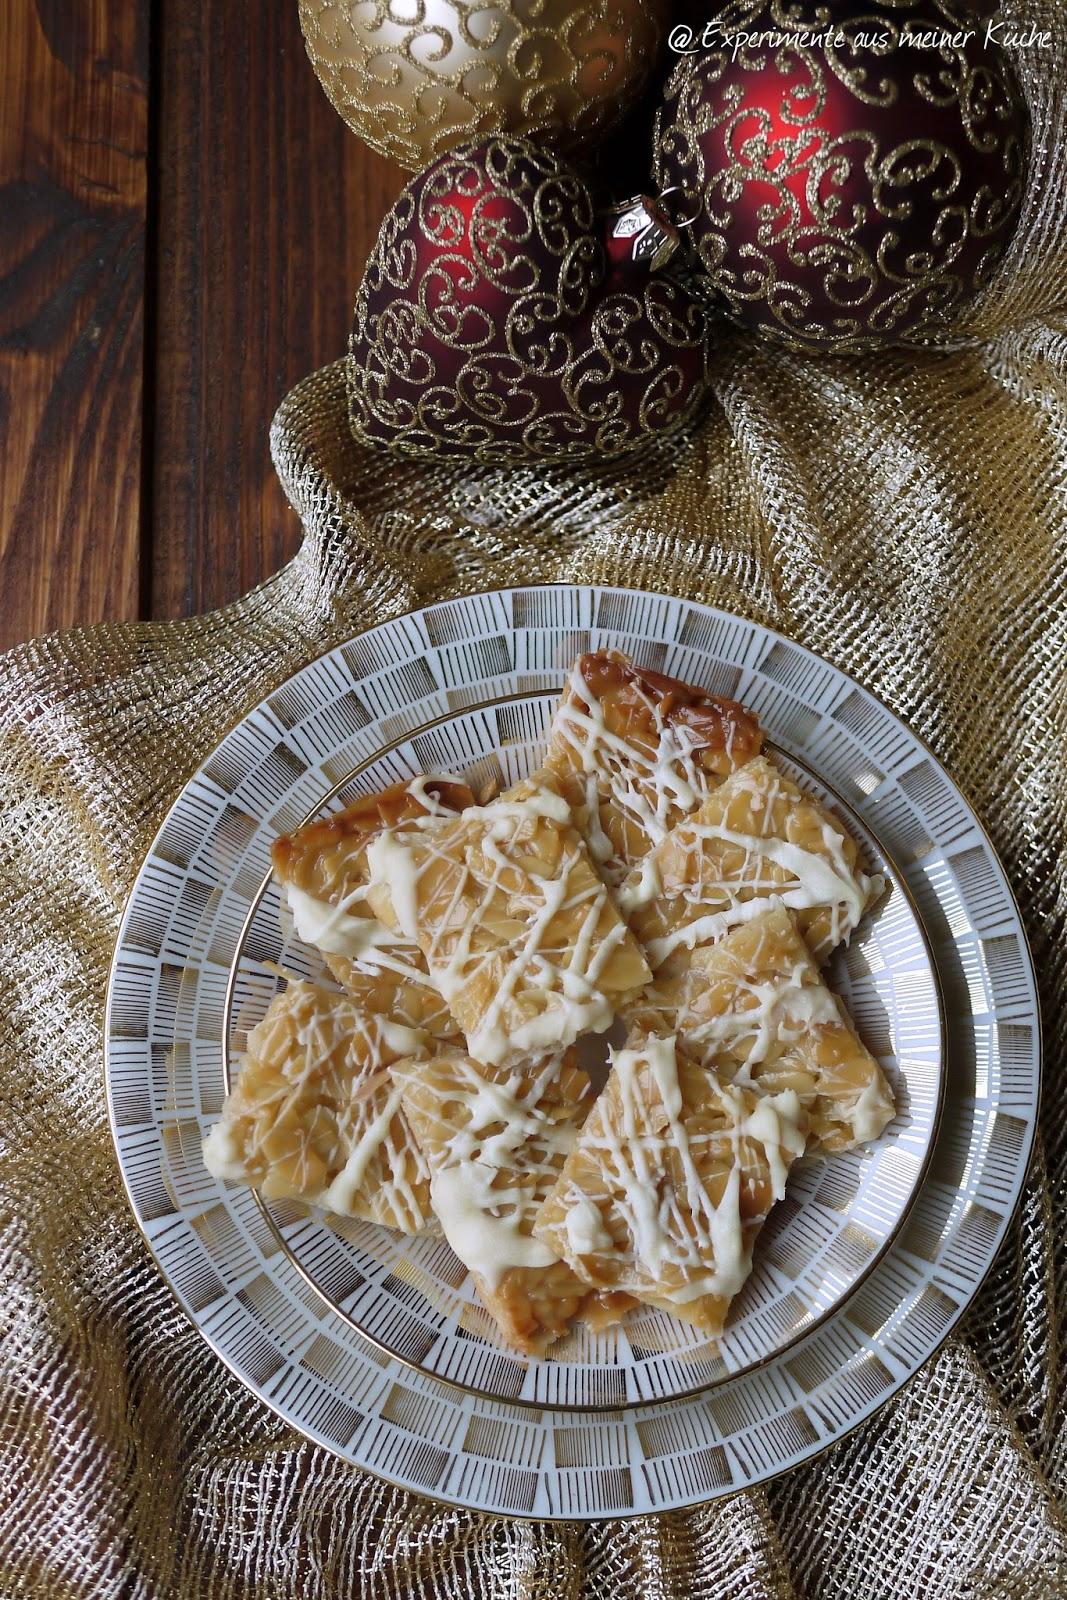 Experimente aus meiner Küche: Weiße Florentiner